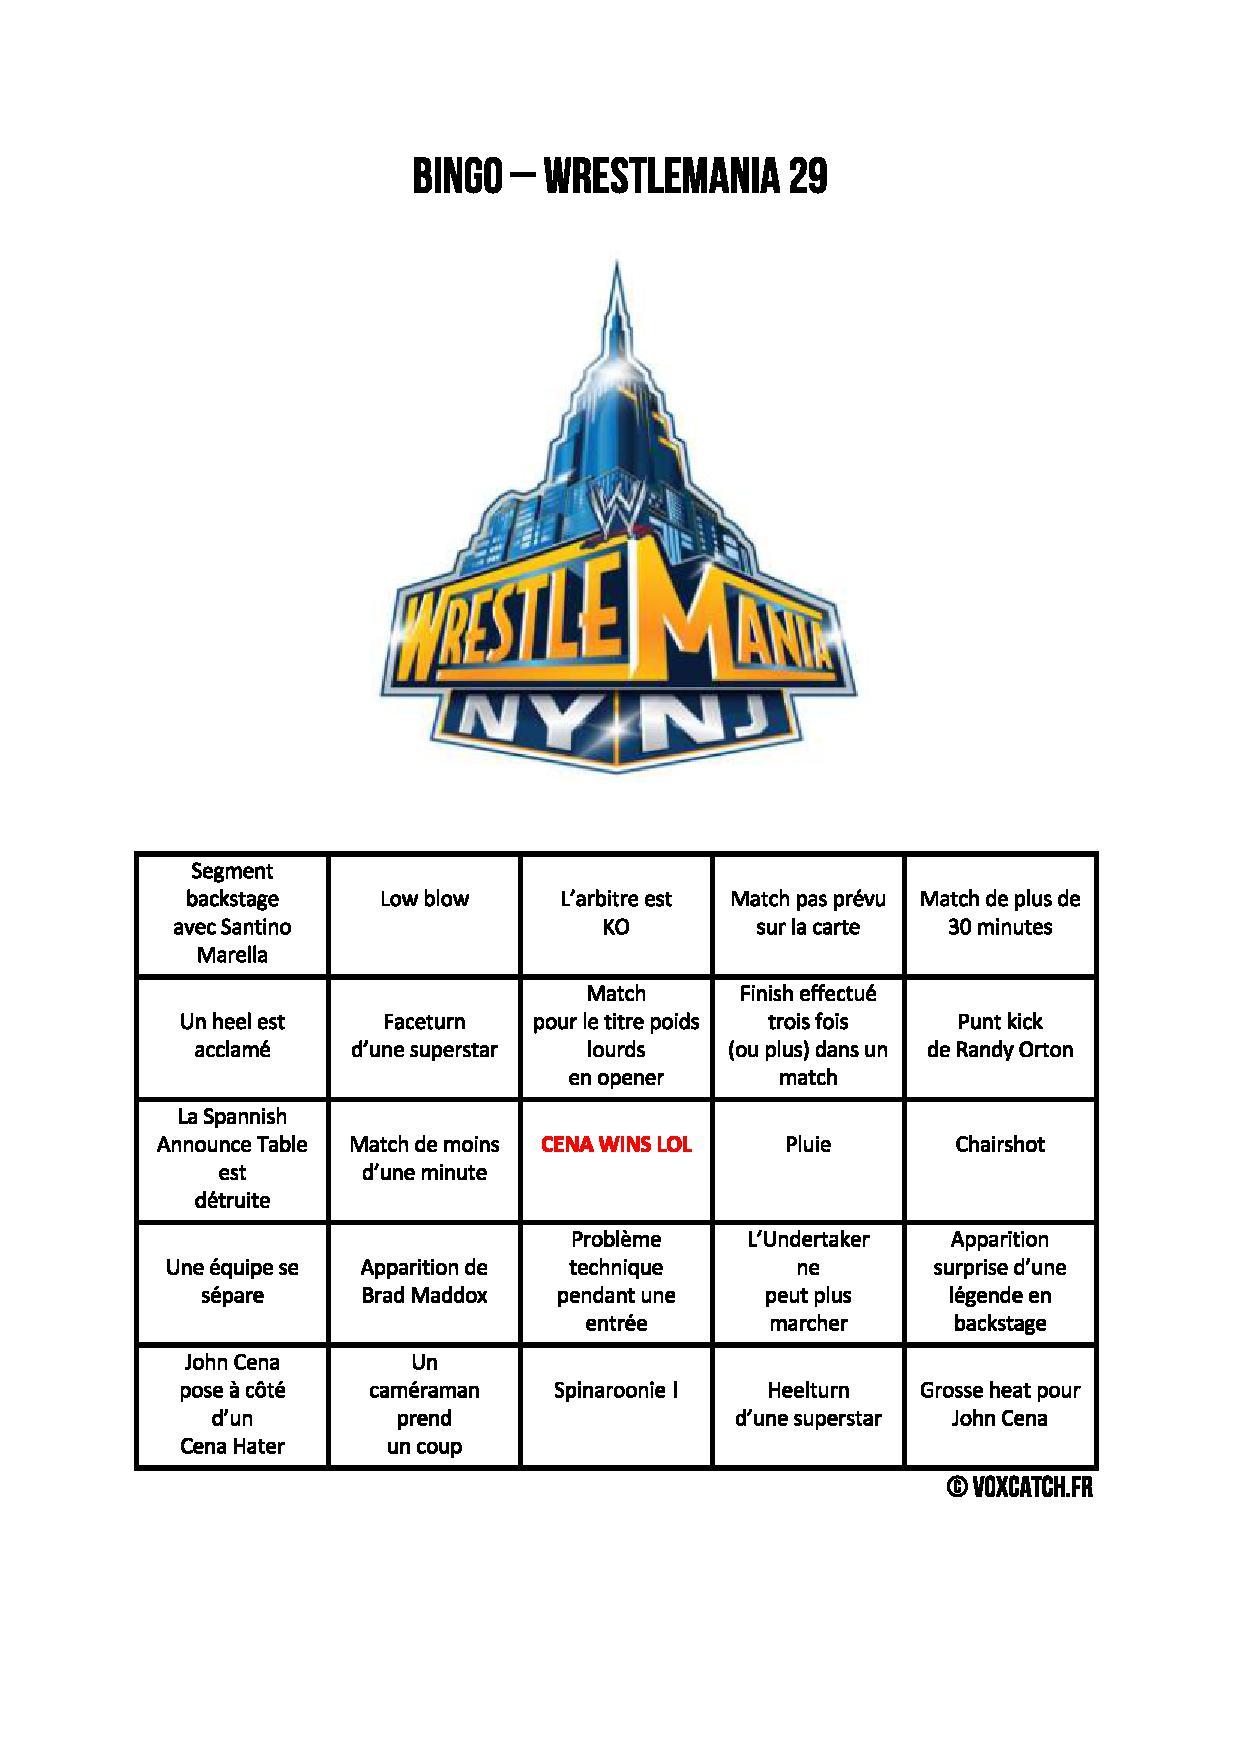 WrestleMania 29 Bingo